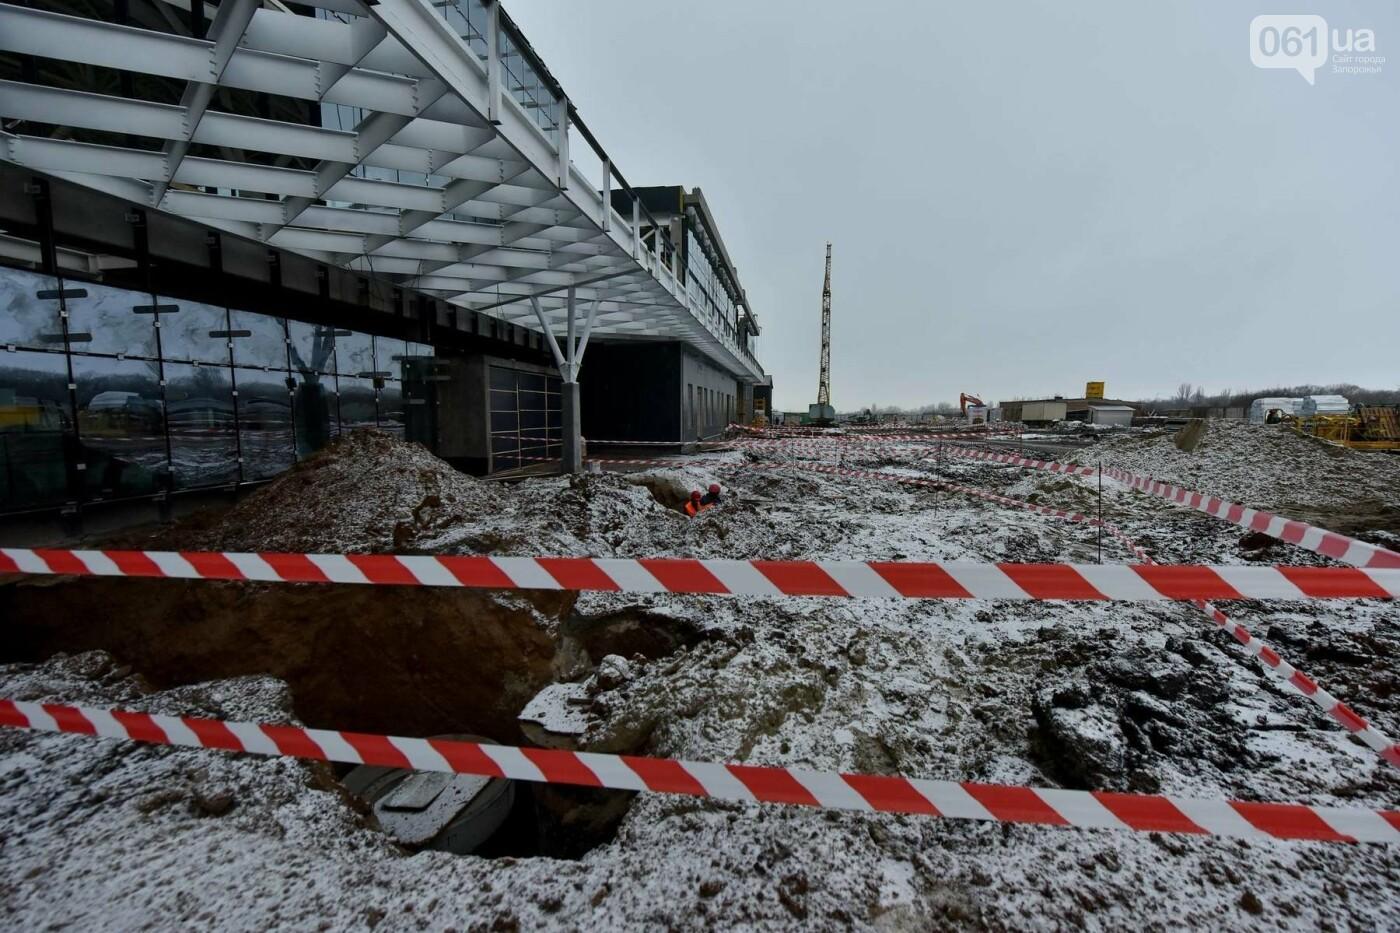 Запорожский аэропорт возьмет кредит на строительство терминала и прогнозирует увеличение пассажиропотока до одного миллиона, — ФОТОРЕПОРТАЖ, фото-7